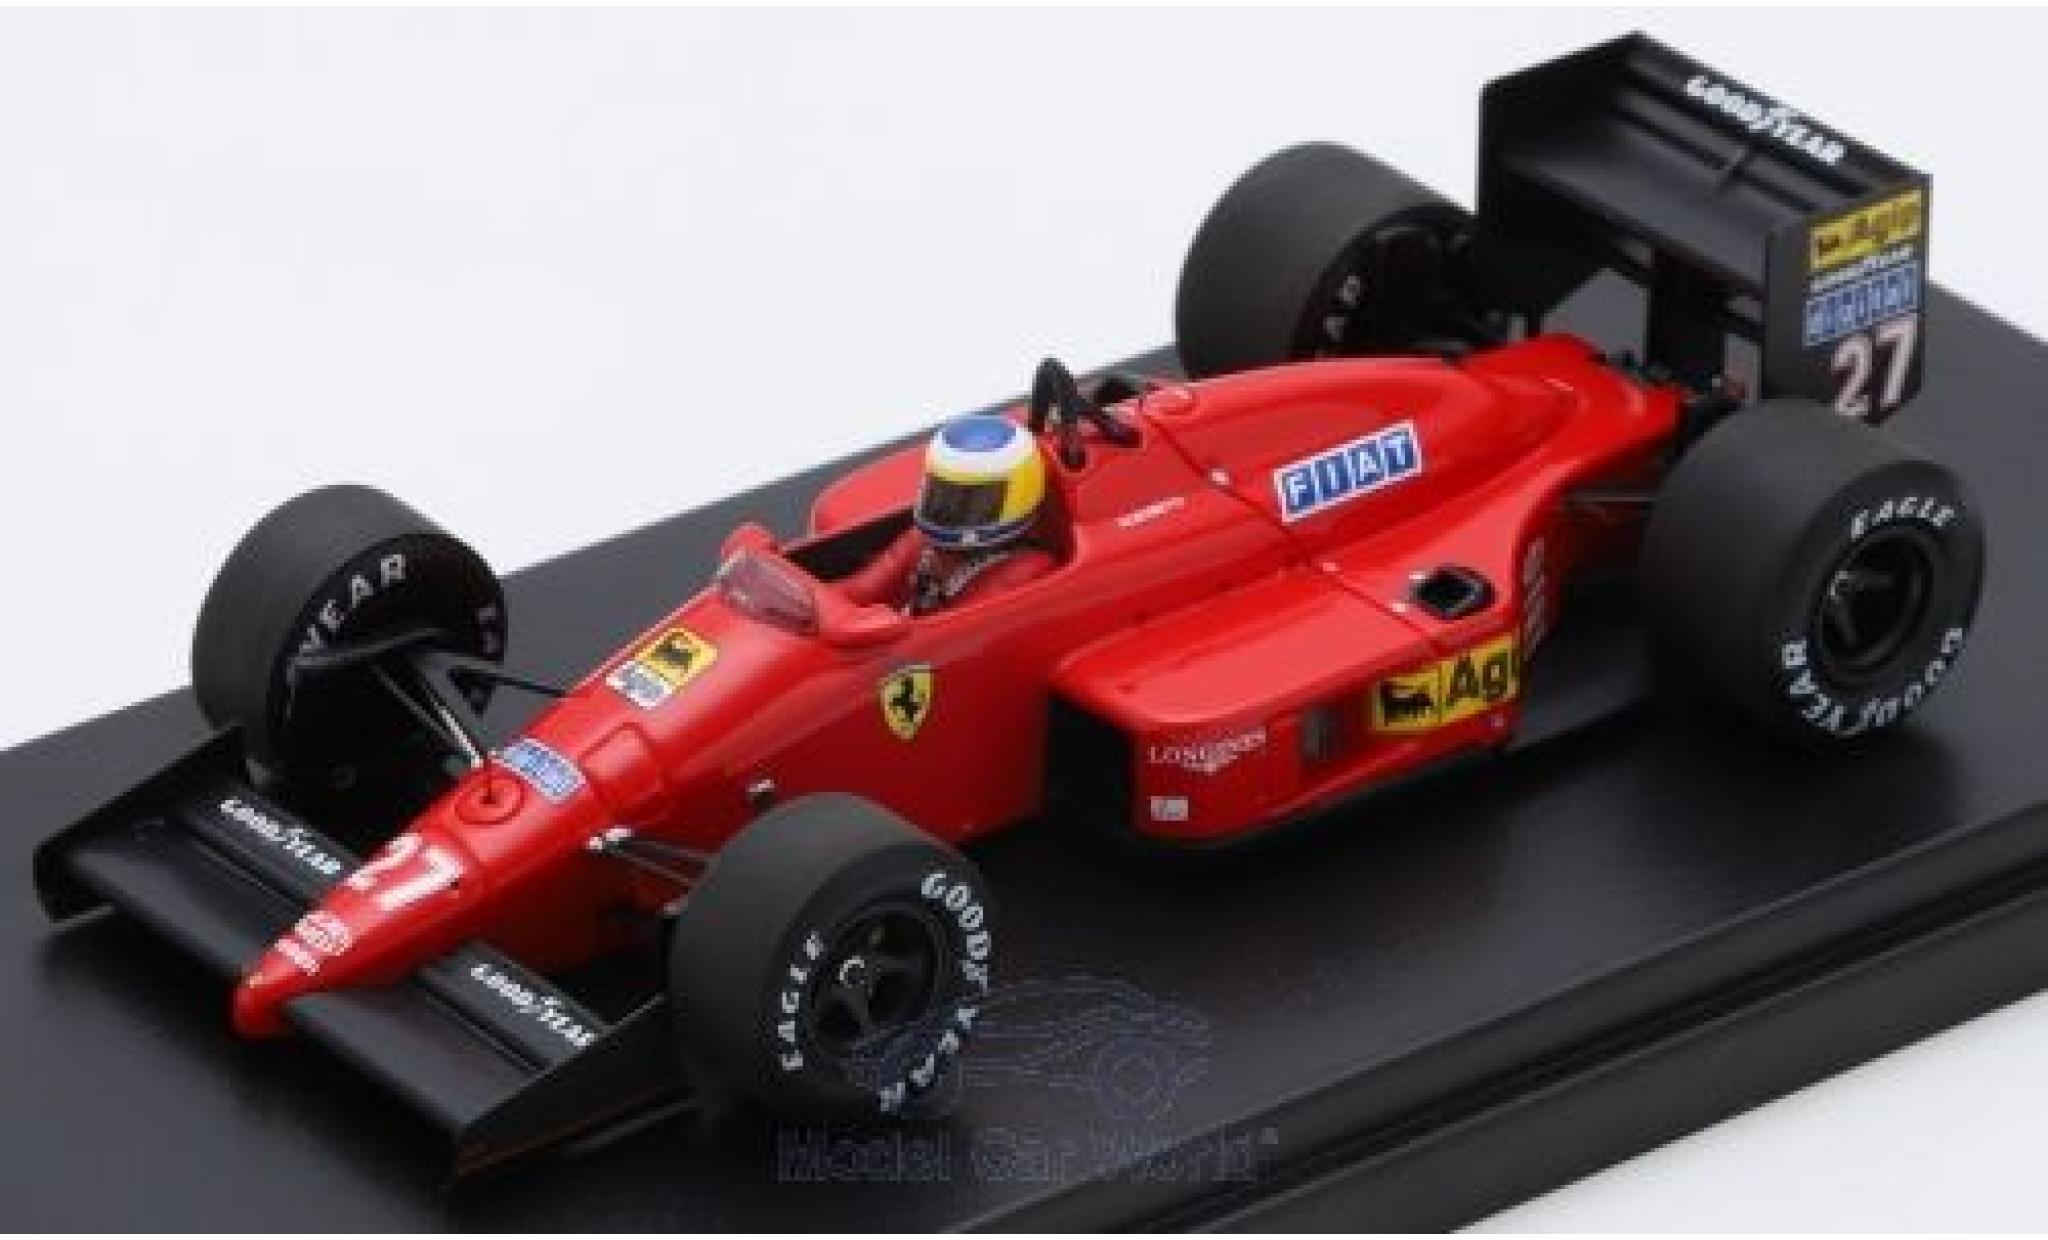 Ferrari F1 1/43 Look Smart /87 No.27 Scuderia Formel 1 GP Monaco 1987 M.Alboreto